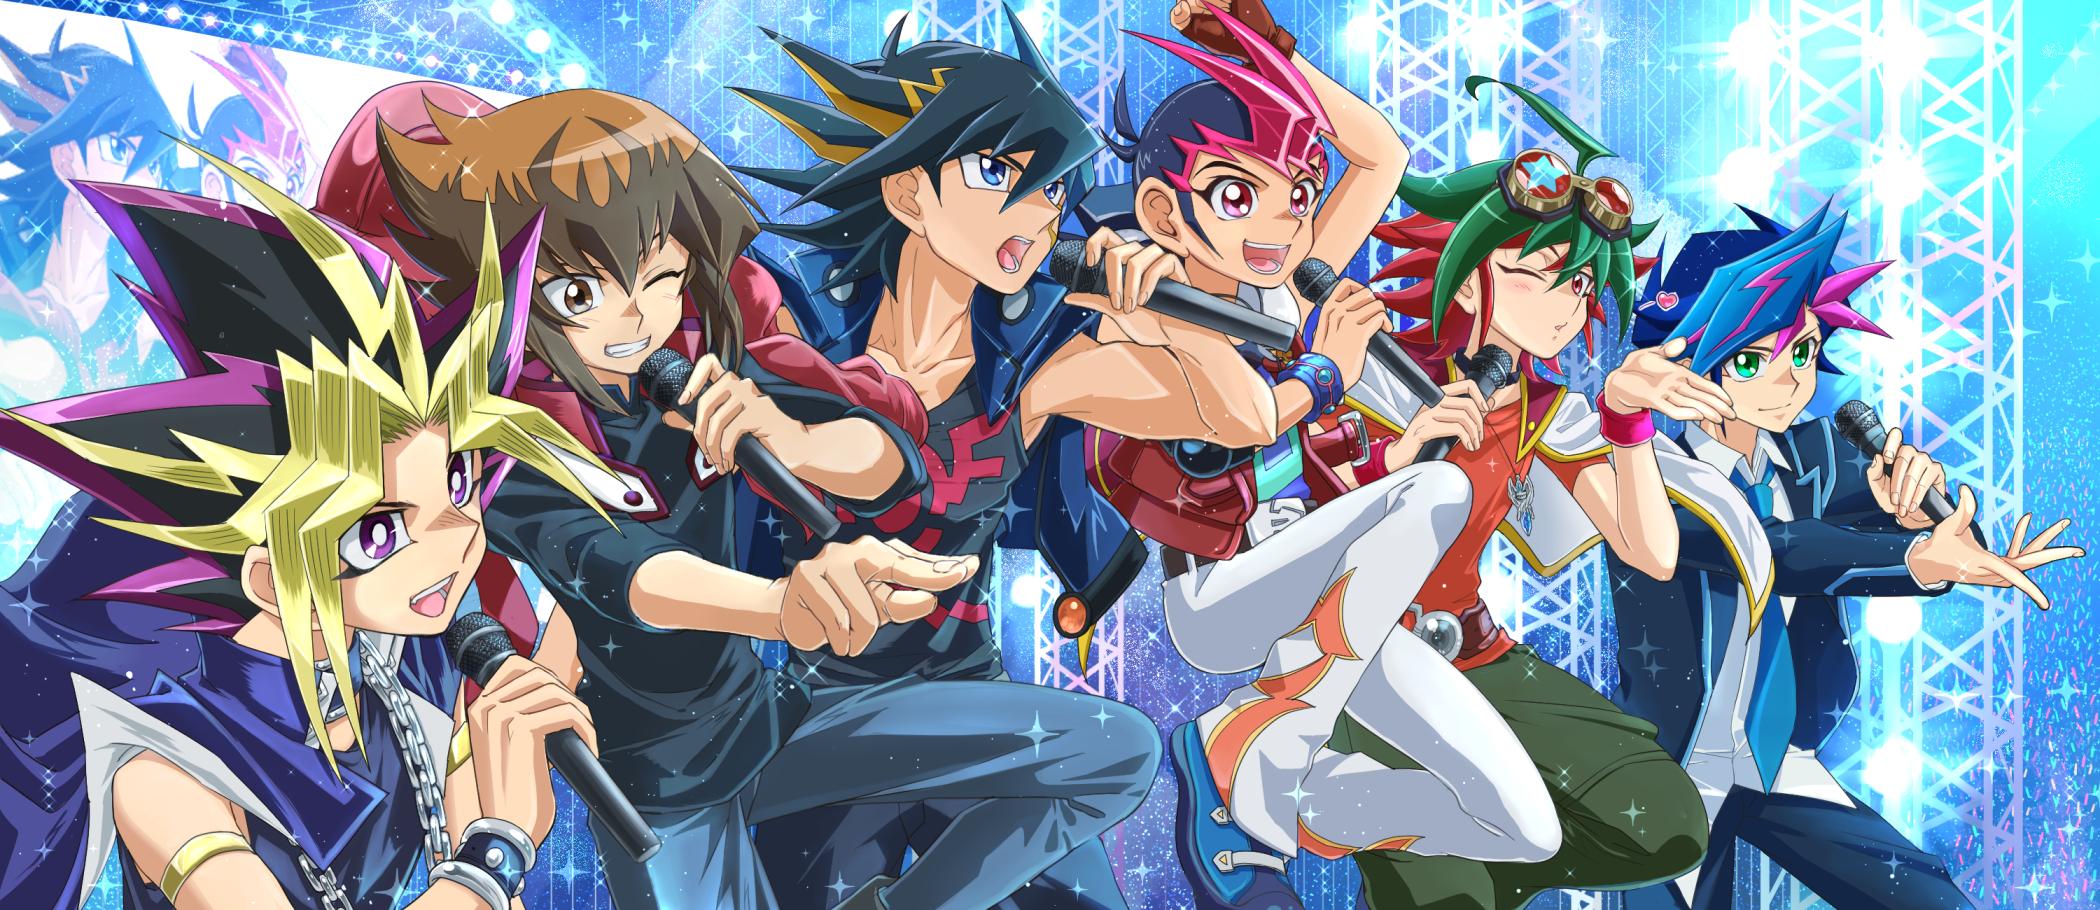 Yu-Gi-Oh! Image #2126518 - Zerochan Anime Image Board